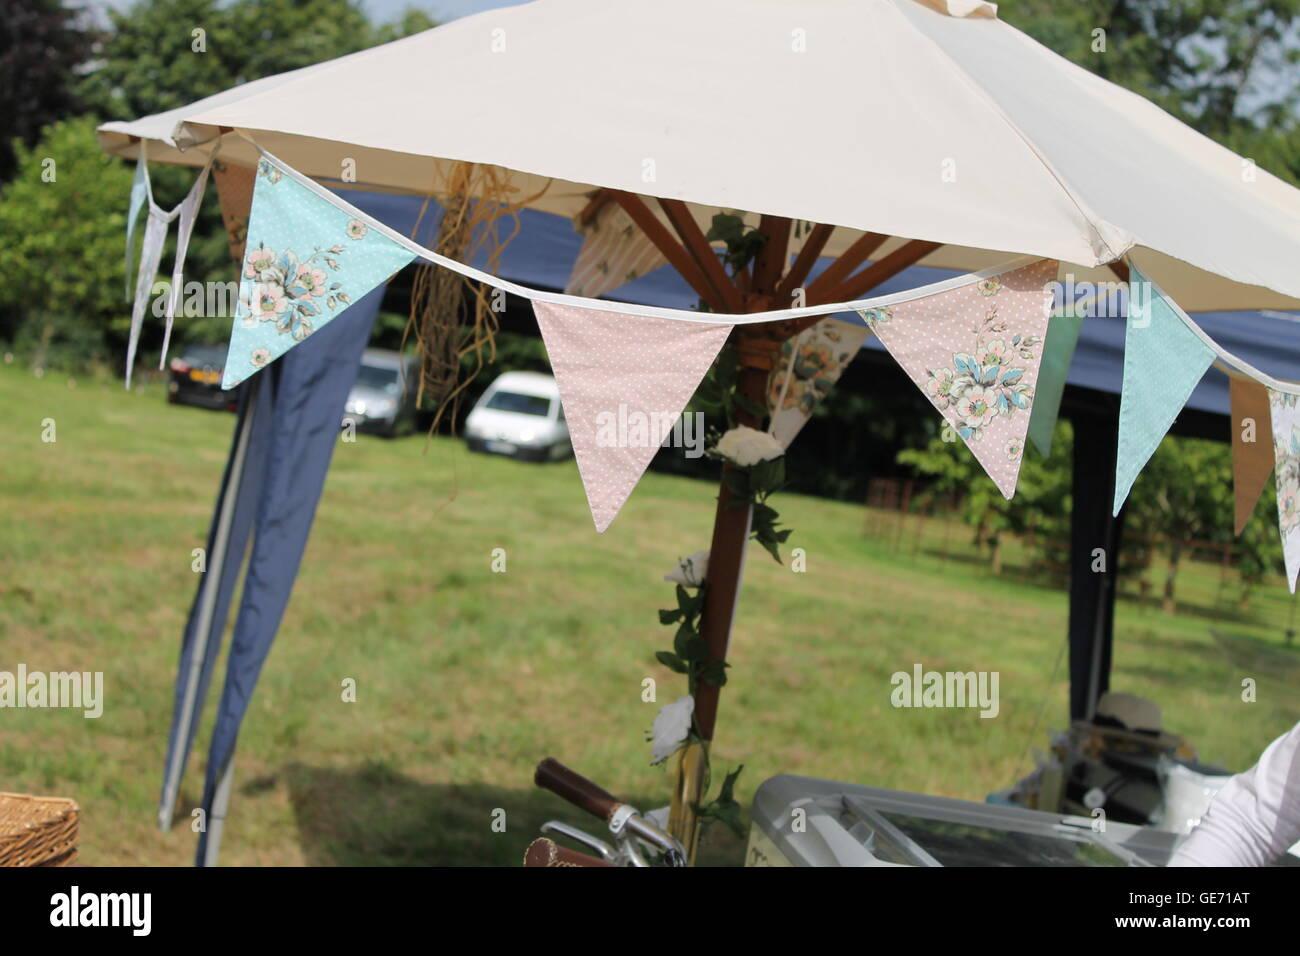 Wunderbar Dekoration Gartenparty Sammlung Von Ammer, Sommer, Hochzeit, Party, Camping, Zelt, Glamping,